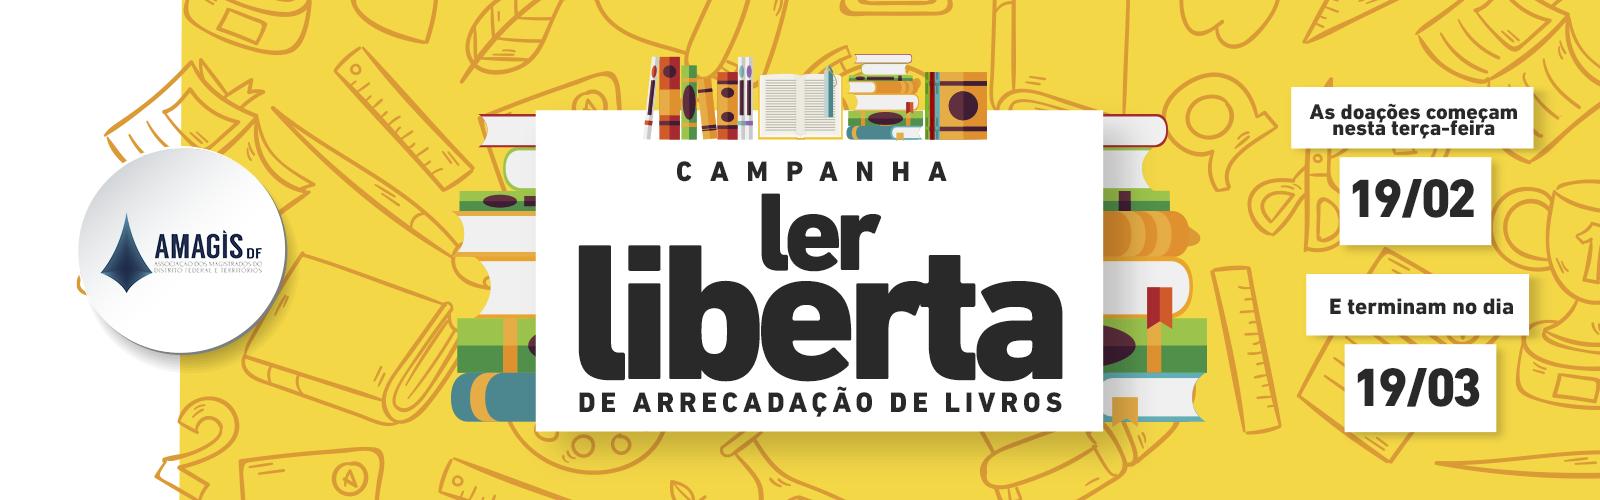 Campanha Ler liberta